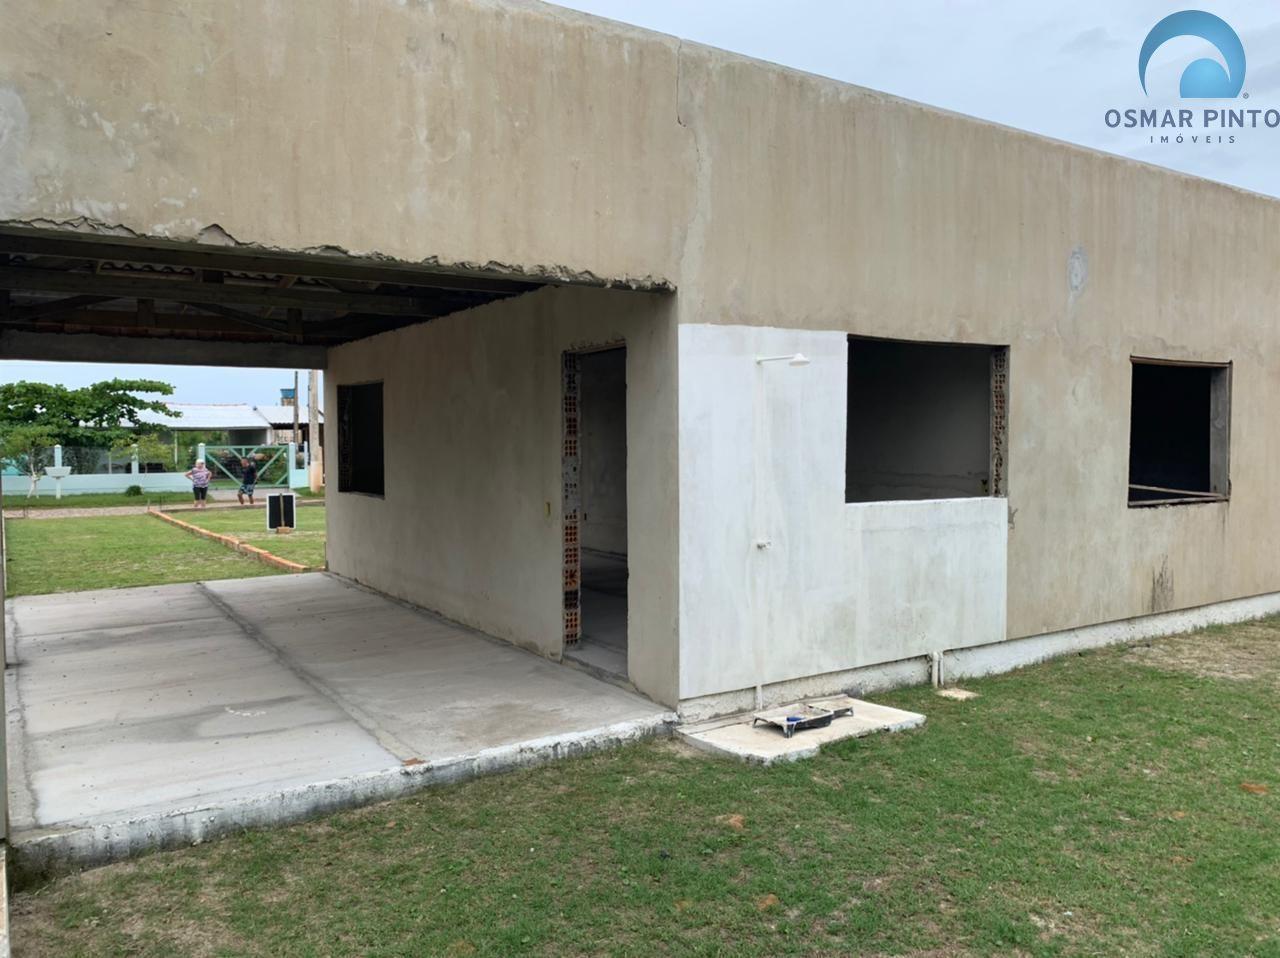 Casa 2 dormitórios em Torres, no bairro Praia Gaúcha